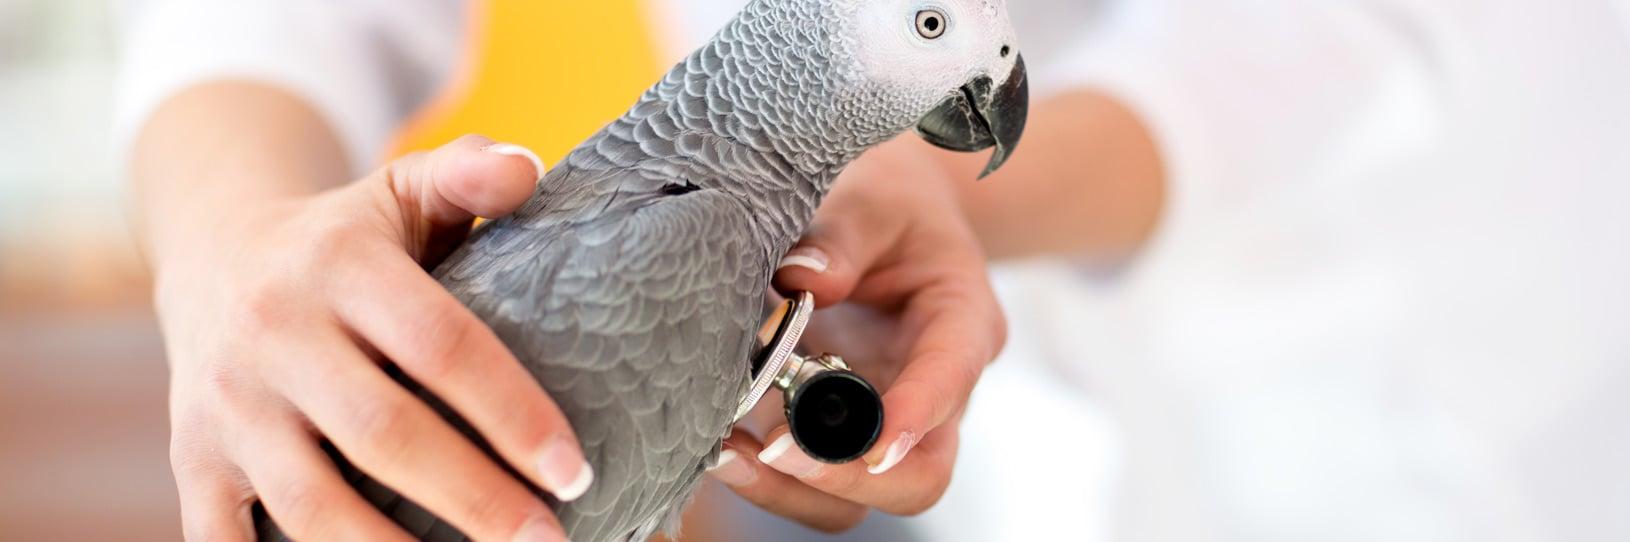 Une vétérinaire pour le soin des animaux à poils, plumes ou écailles